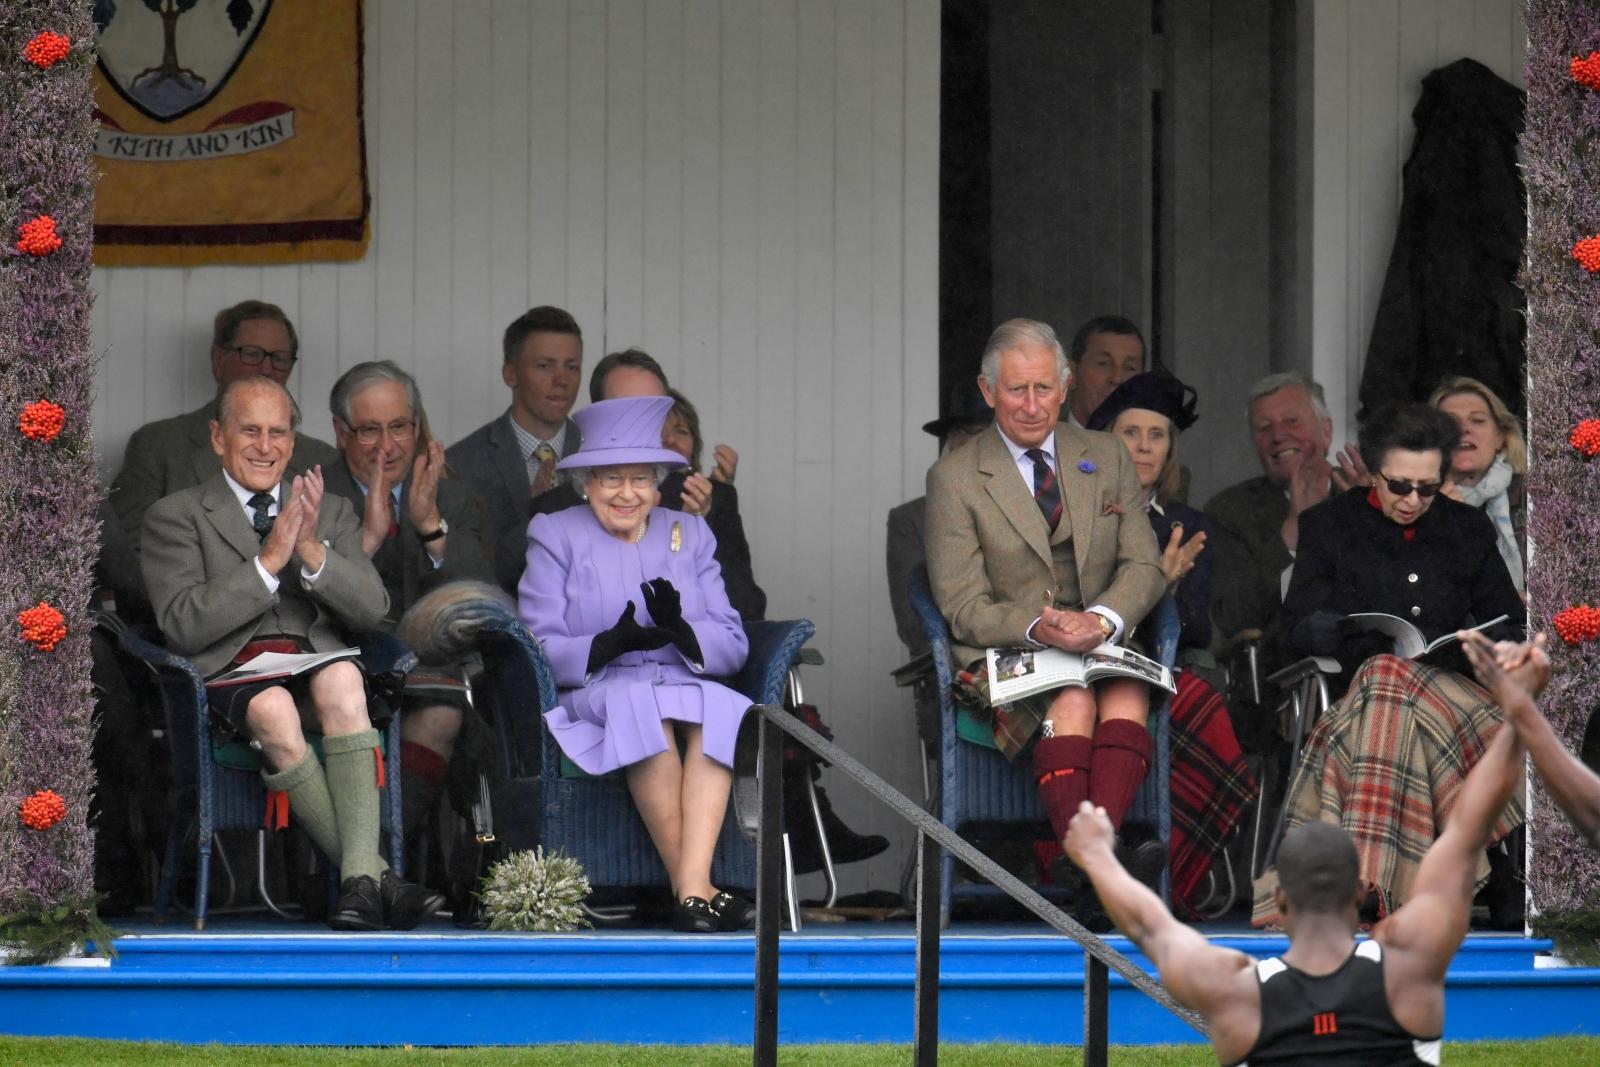 The Royal family at Braemar